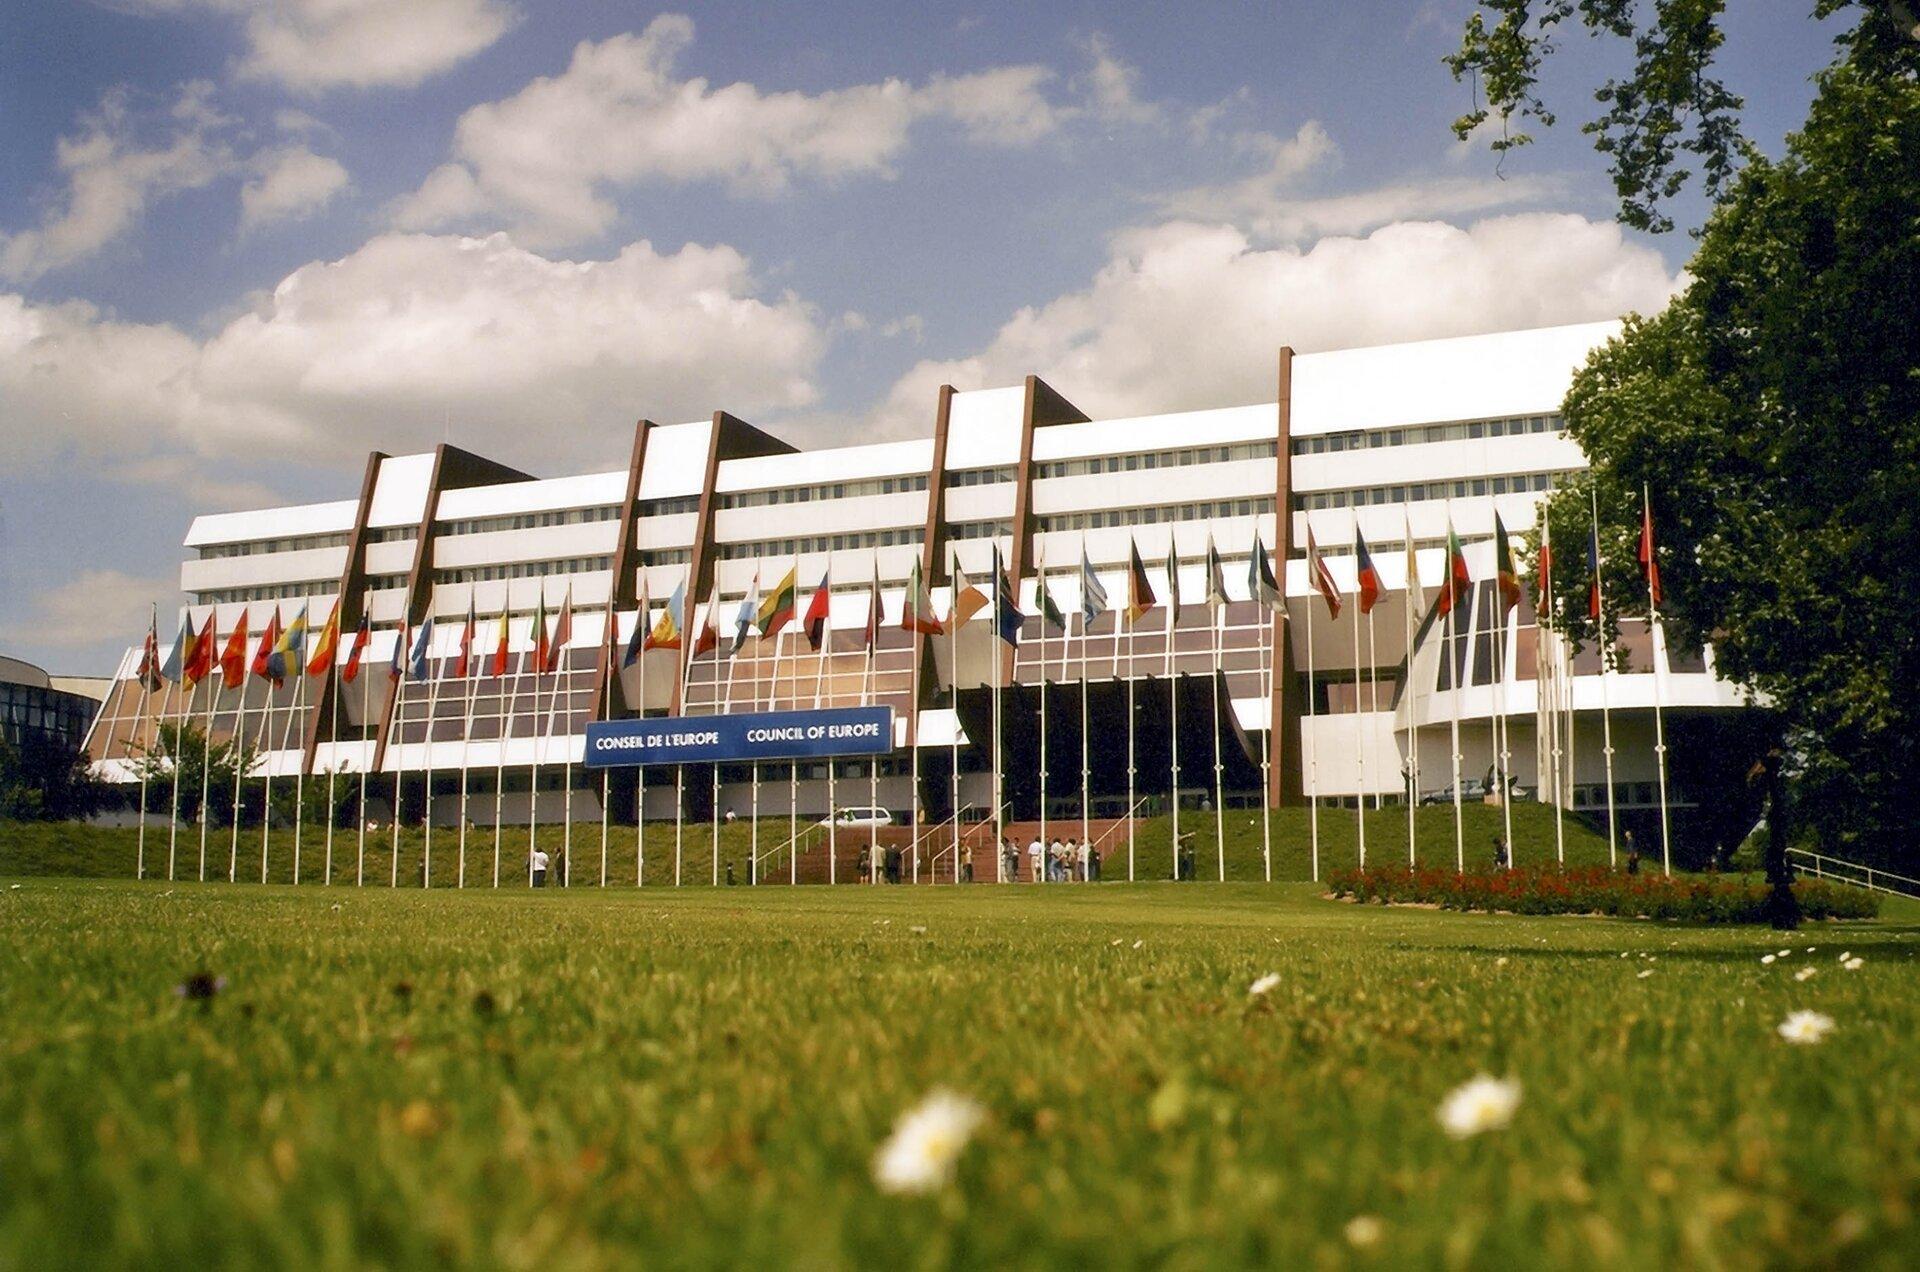 na zdjęciu widaćbudynek zwanym Pałacem Europy wStrasburgu, budynek ten jest siedzibąRady Europy